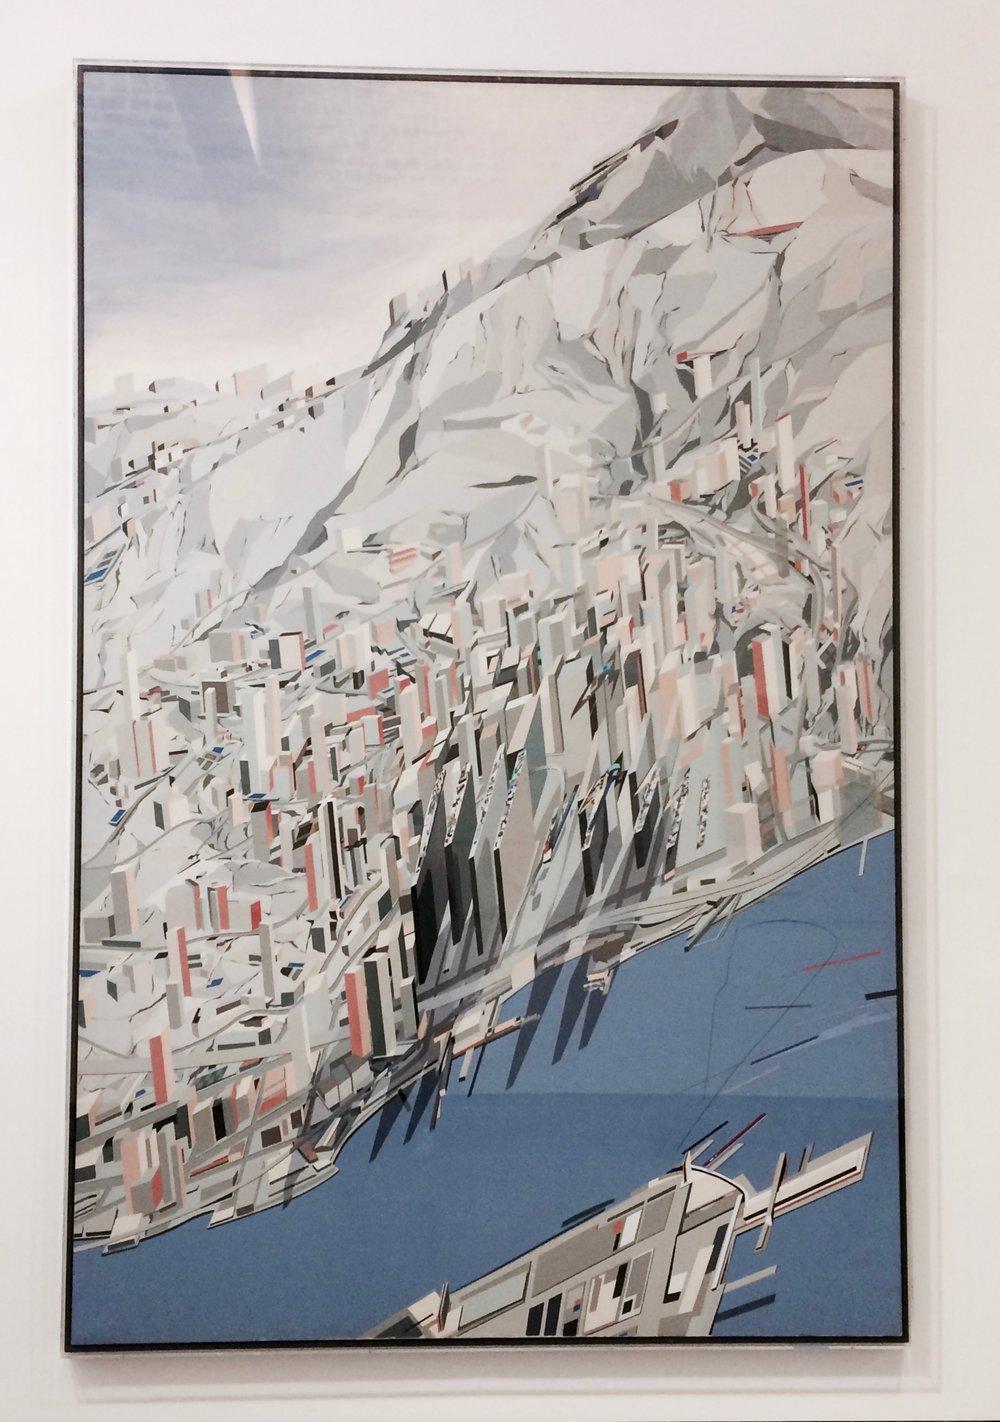 The Peak by Zaha Hadid